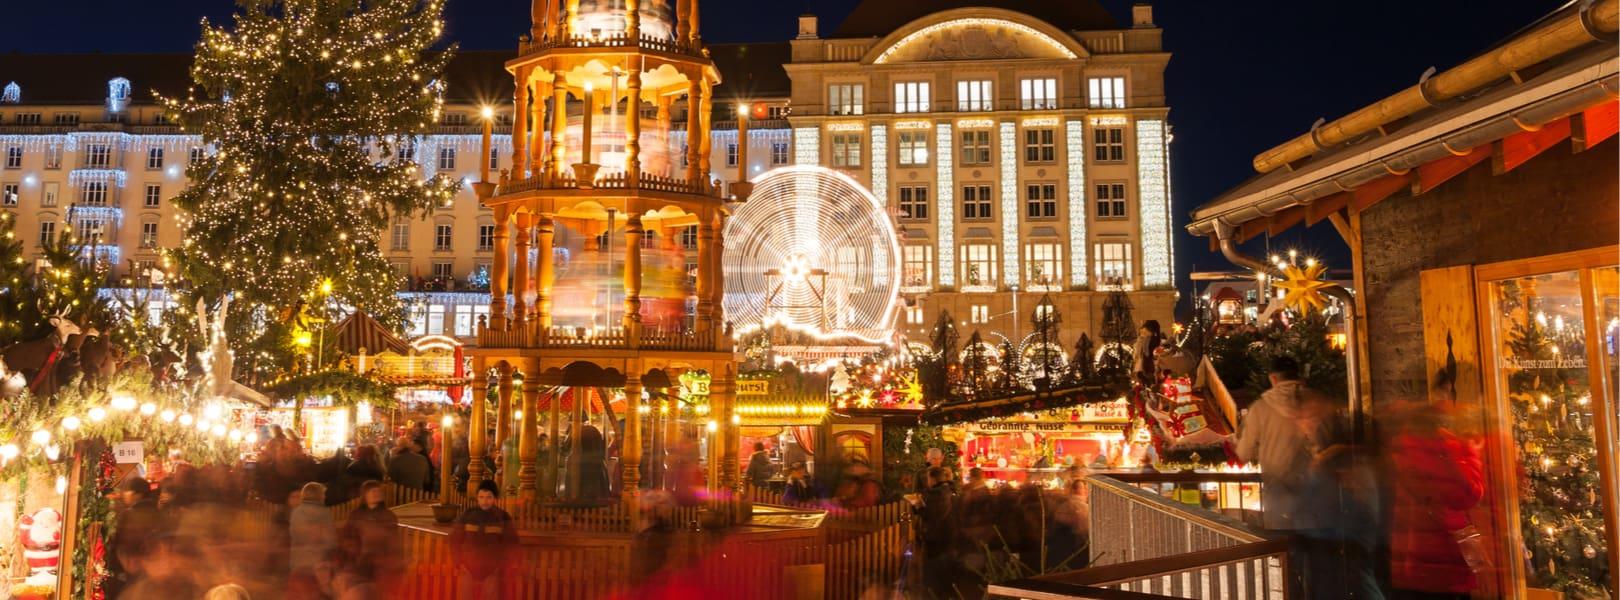 Blick auf den Dresdener Weihnachtsmarkt